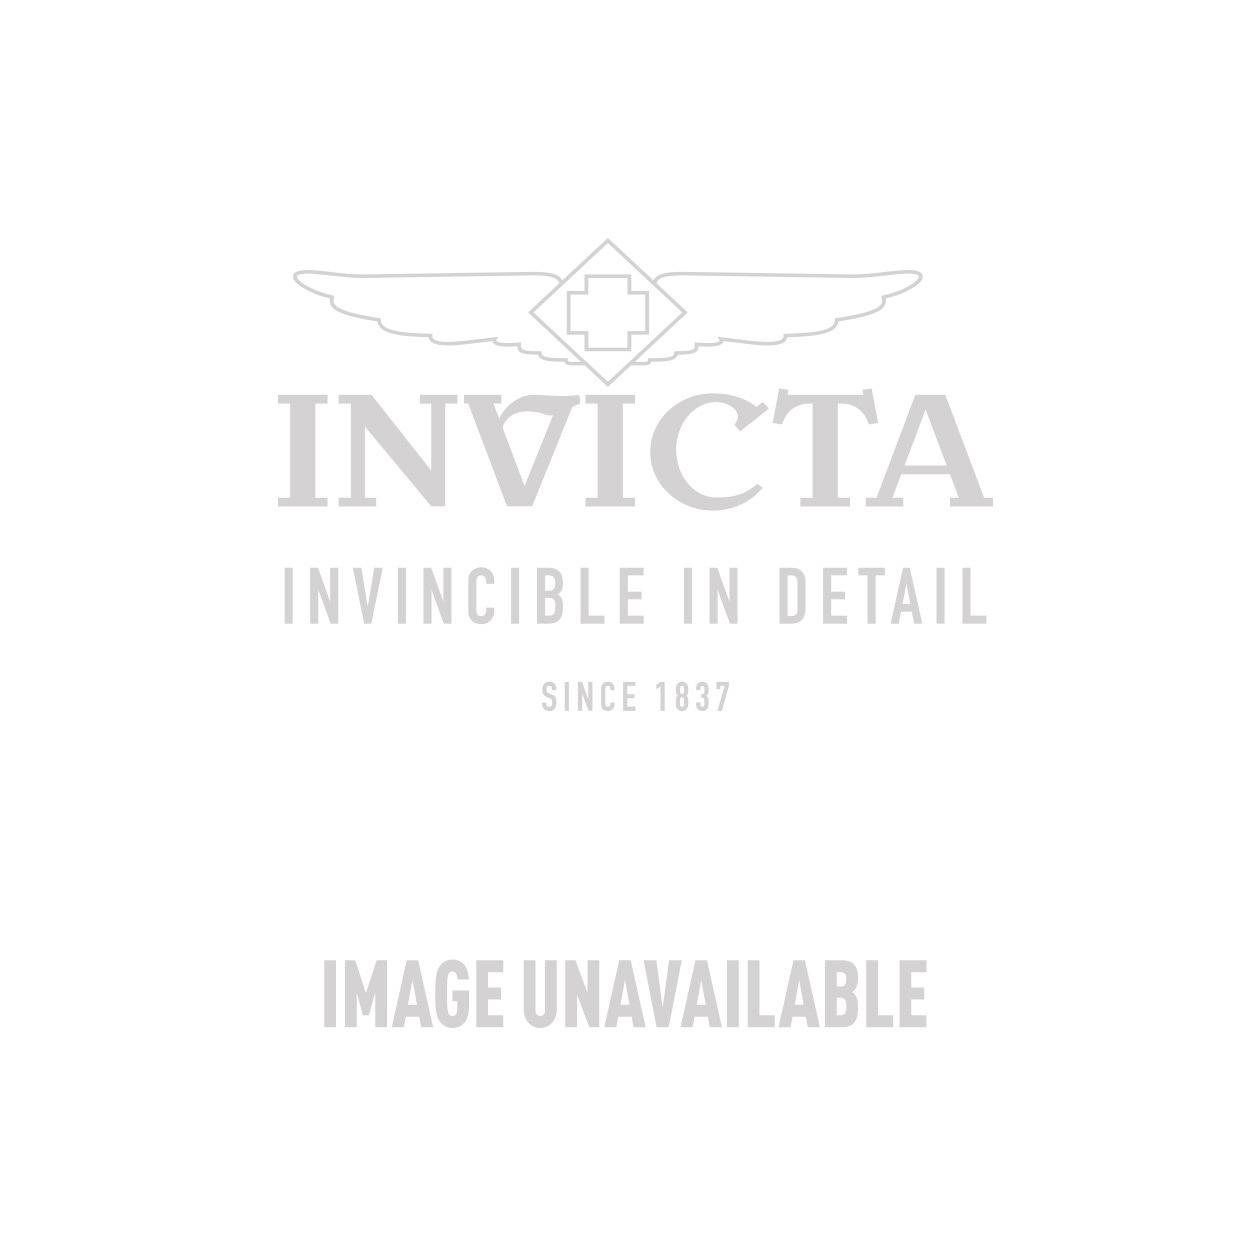 Invicta Model 28031